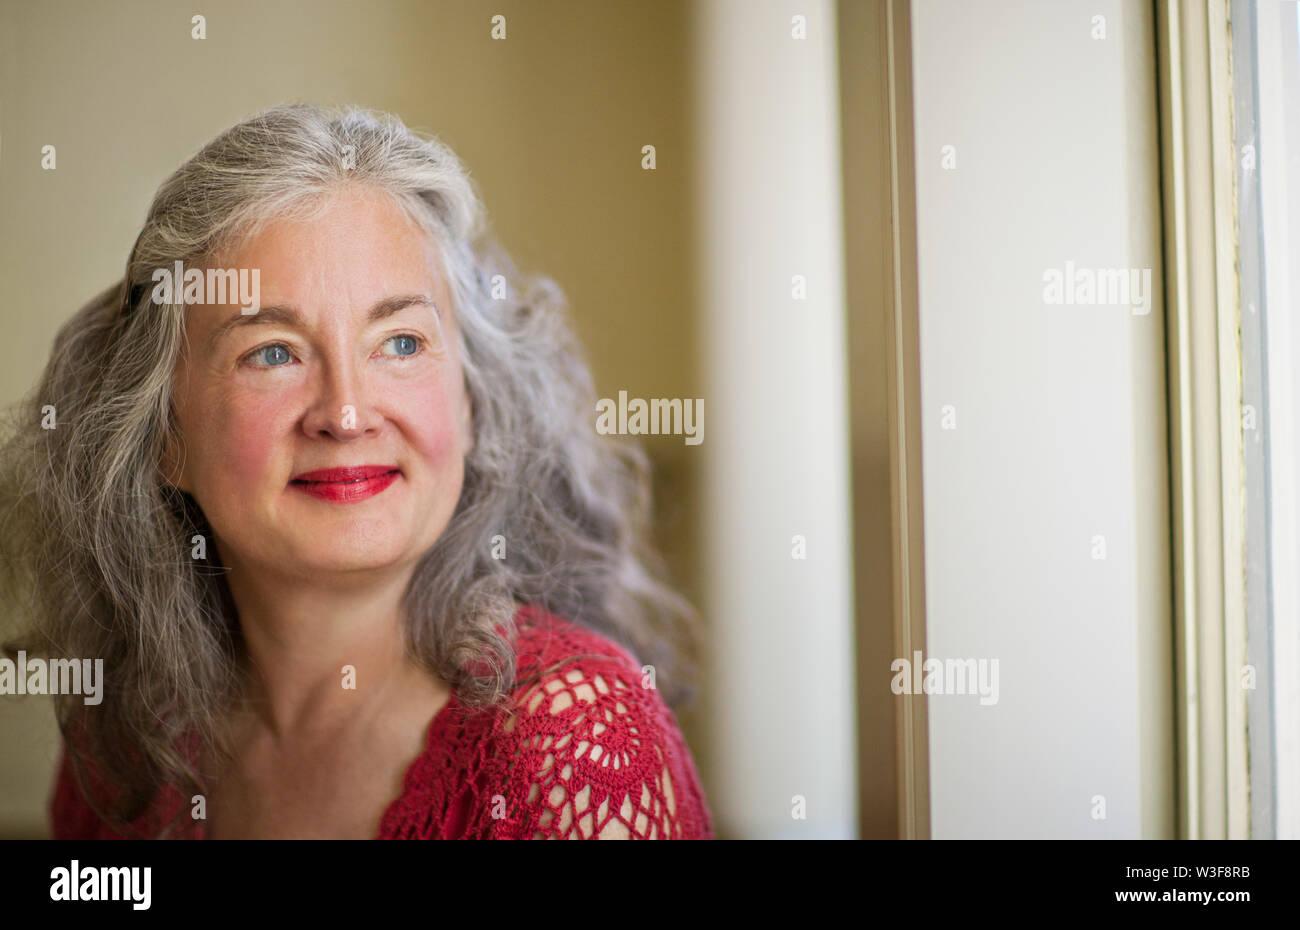 Smiling senior woman wearing red lipstick. - Stock Image